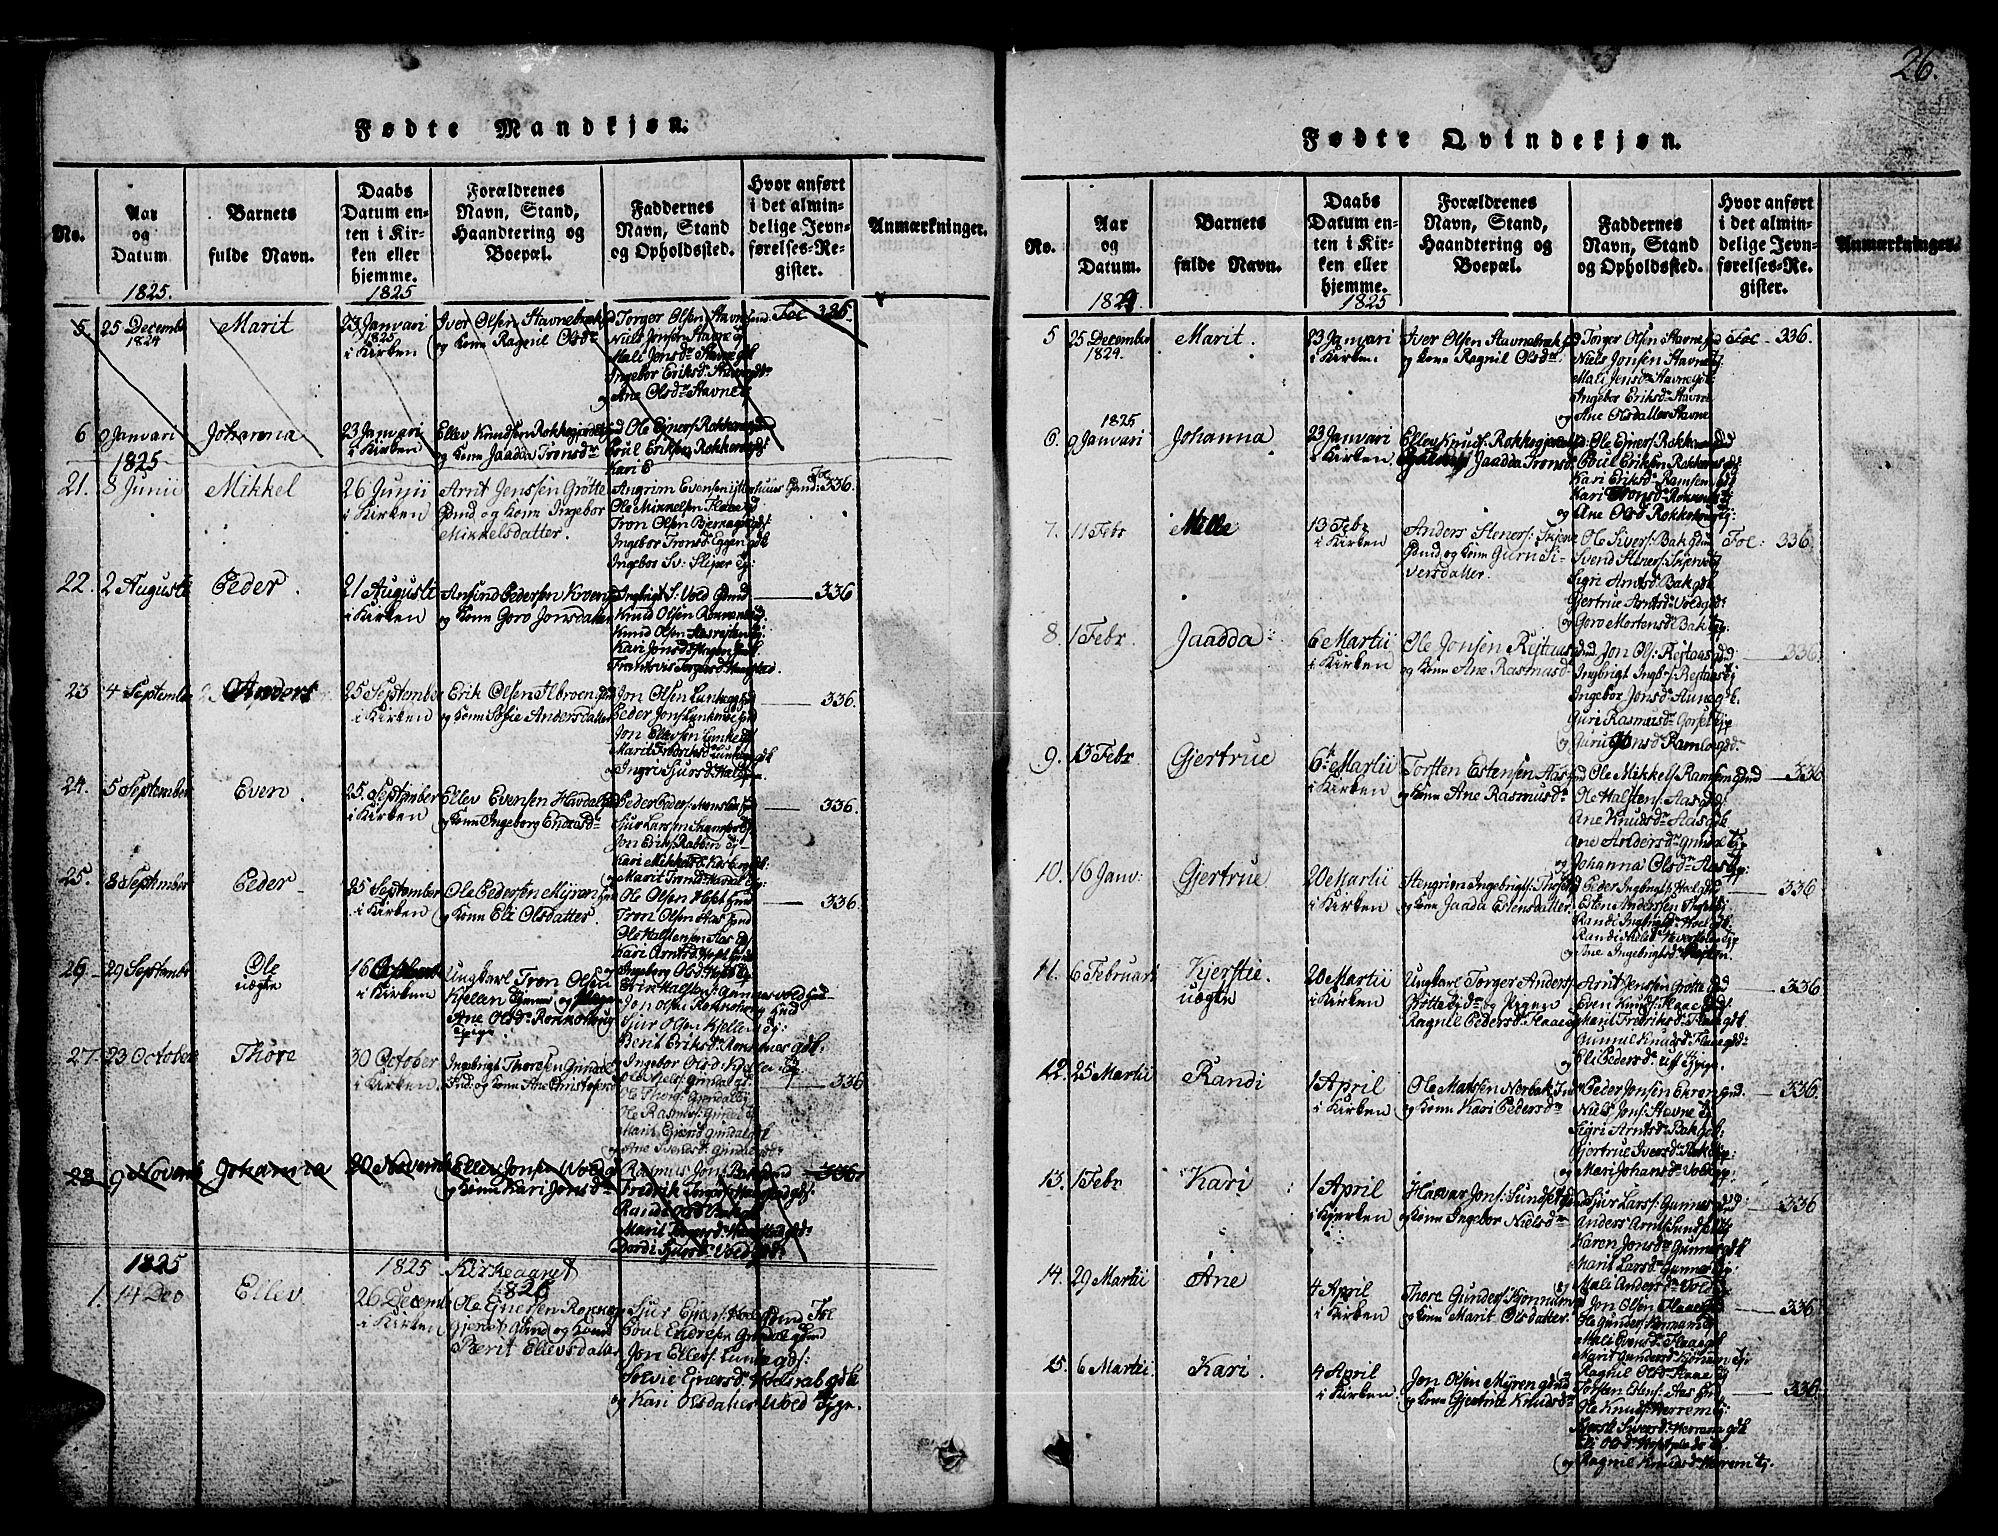 SAT, Ministerialprotokoller, klokkerbøker og fødselsregistre - Sør-Trøndelag, 674/L0874: Klokkerbok nr. 674C01, 1816-1860, s. 26